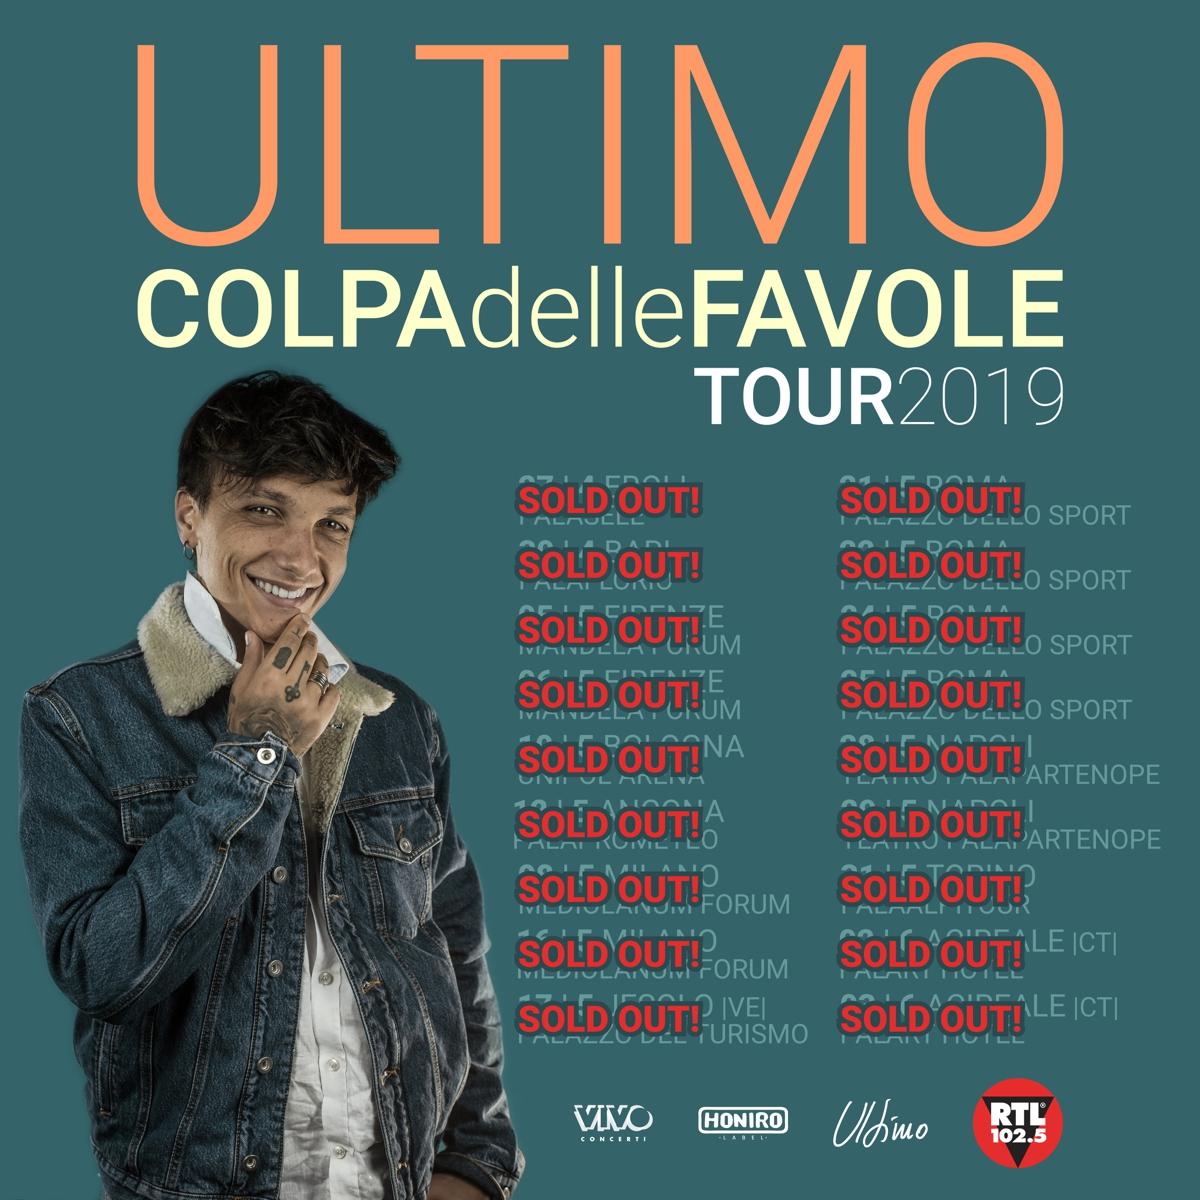 """PARTE DOMANI DAL PALASELE DI EBOLI IL """"COLPA DELLE FAVOLE"""" TOUR DI ULTIMO, SOLD OUT DA MESI"""